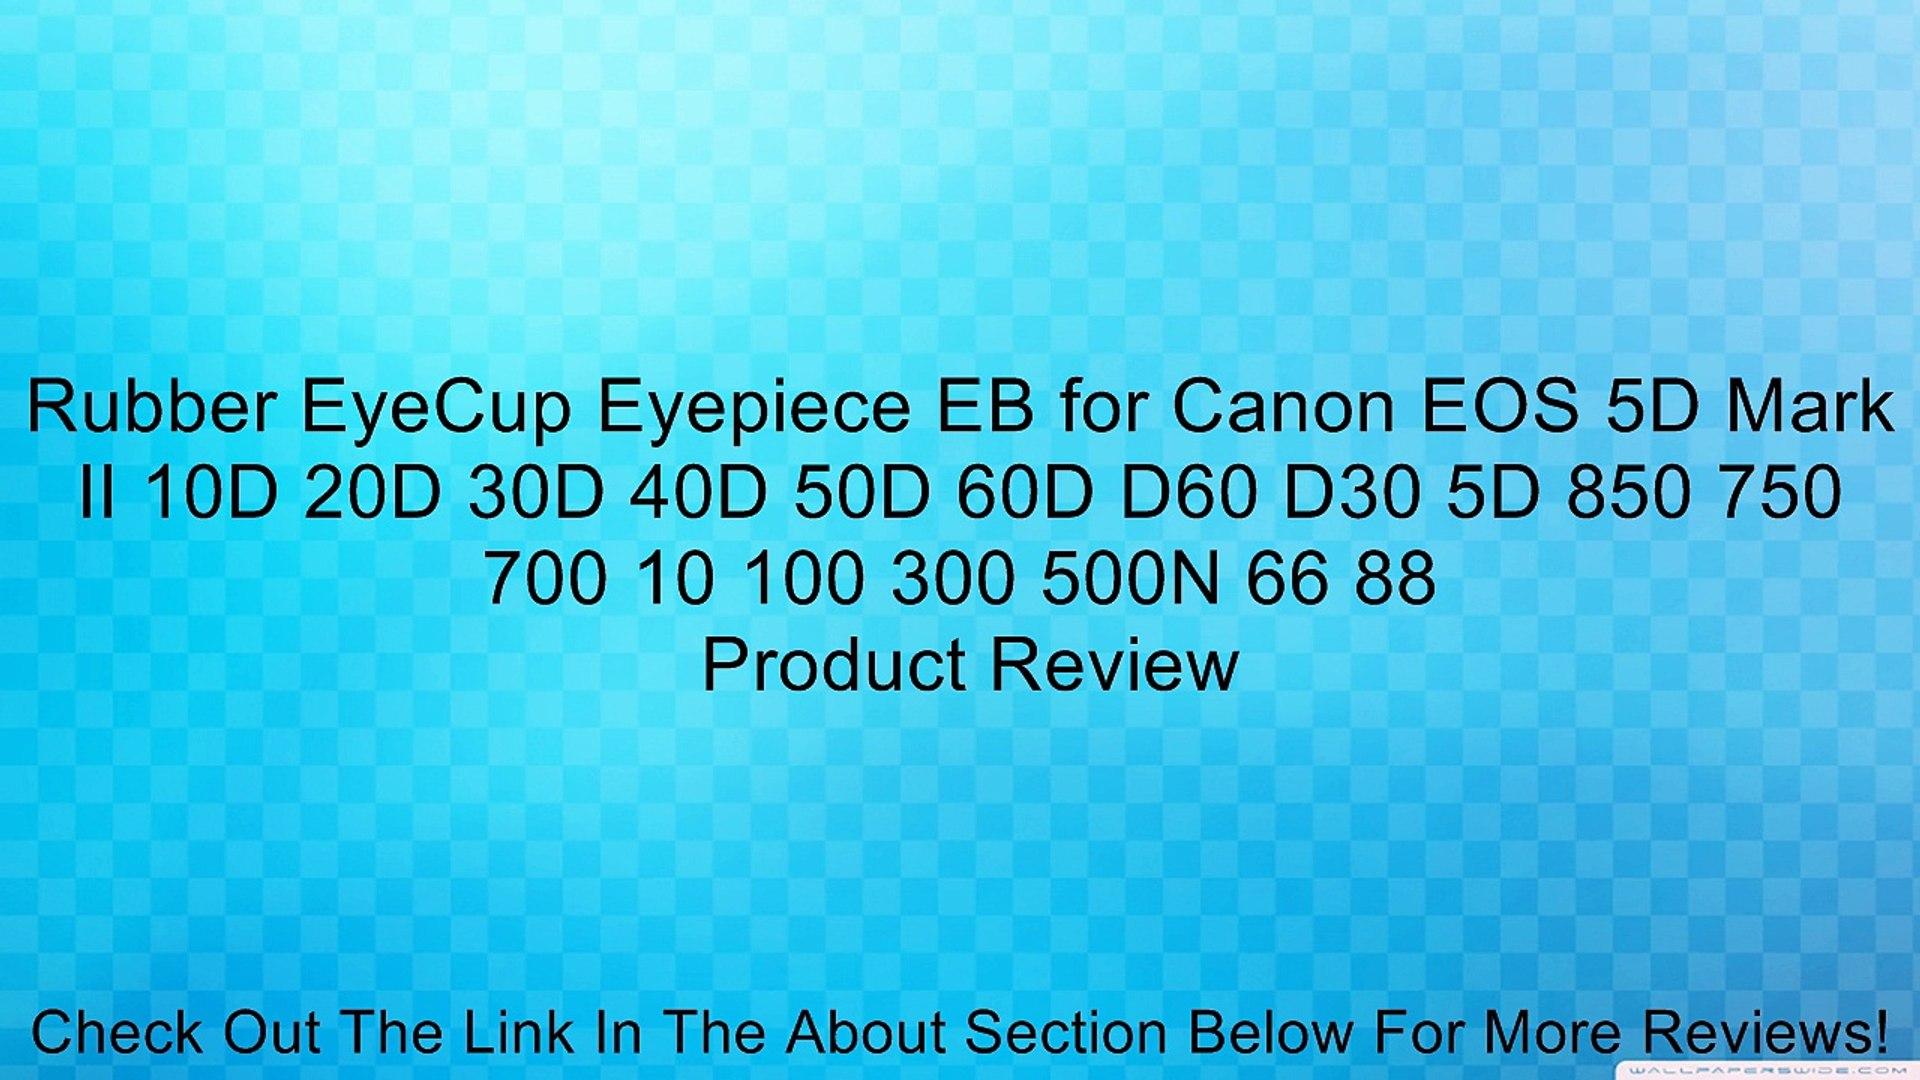 D30 EB Eyecup for CANON EOS EOS 5D,5D MKII,10D,20D,30D,40D,50D,50D D60